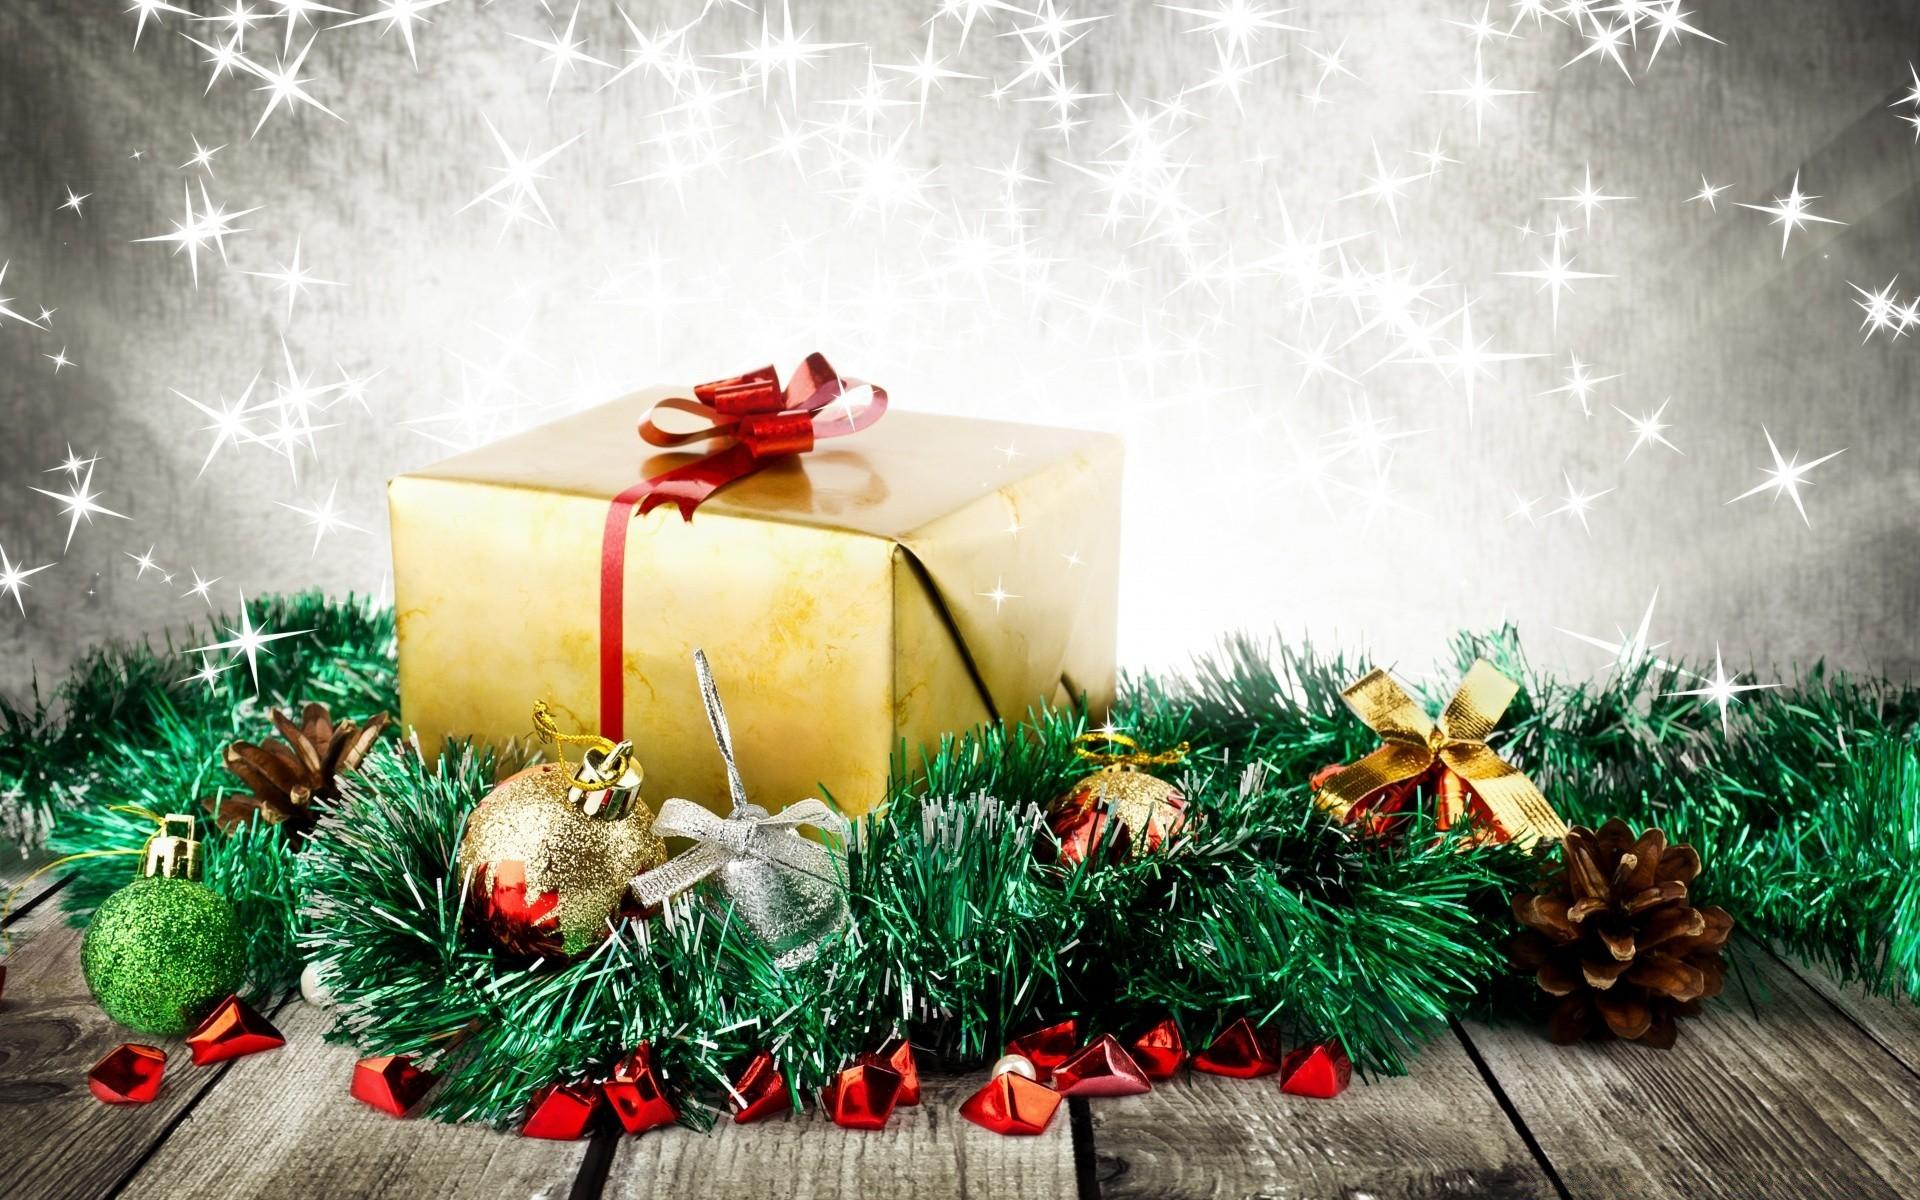 был открытки для новогодних подарков хочу поделиться своими